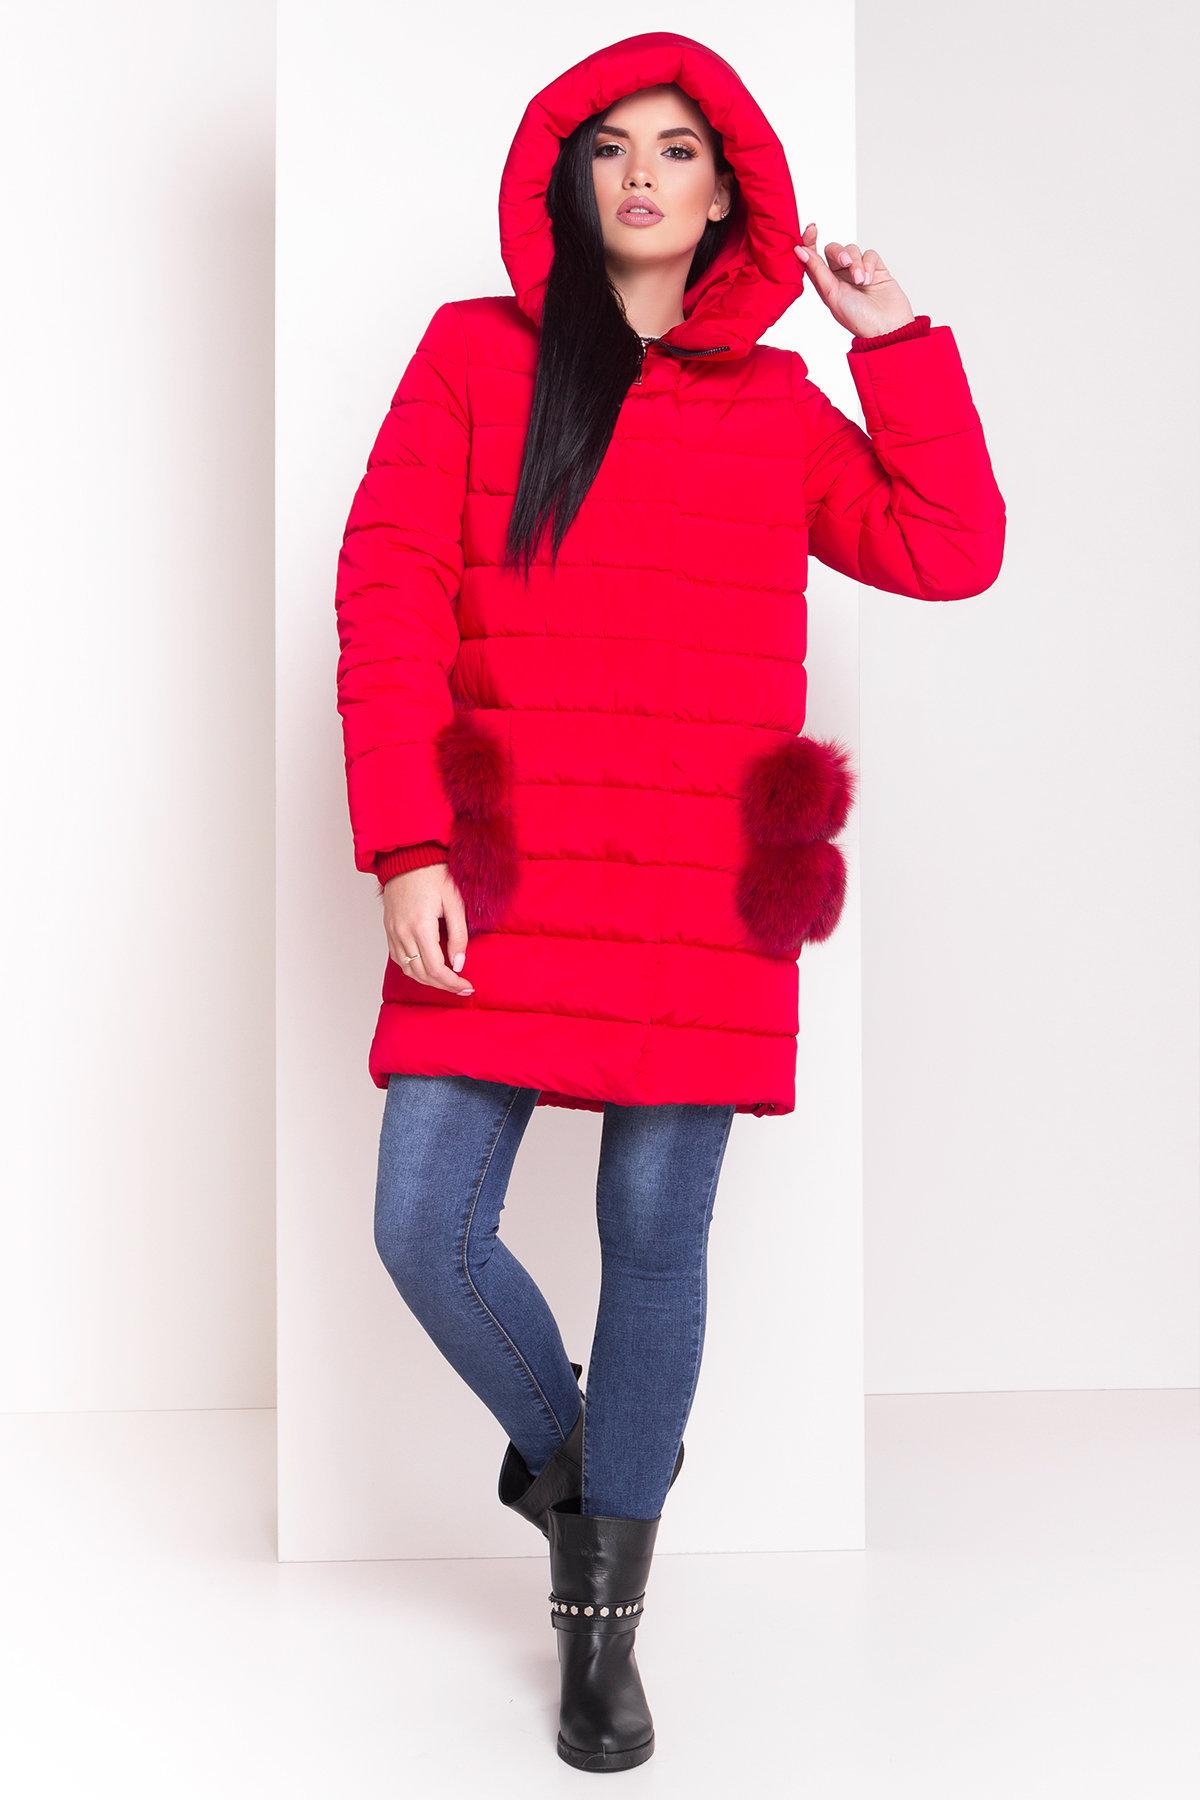 Зимний пуховик прямого кроя Лили Канада 8363 АРТ. 44554 Цвет: Красный - фото 6, интернет магазин tm-modus.ru